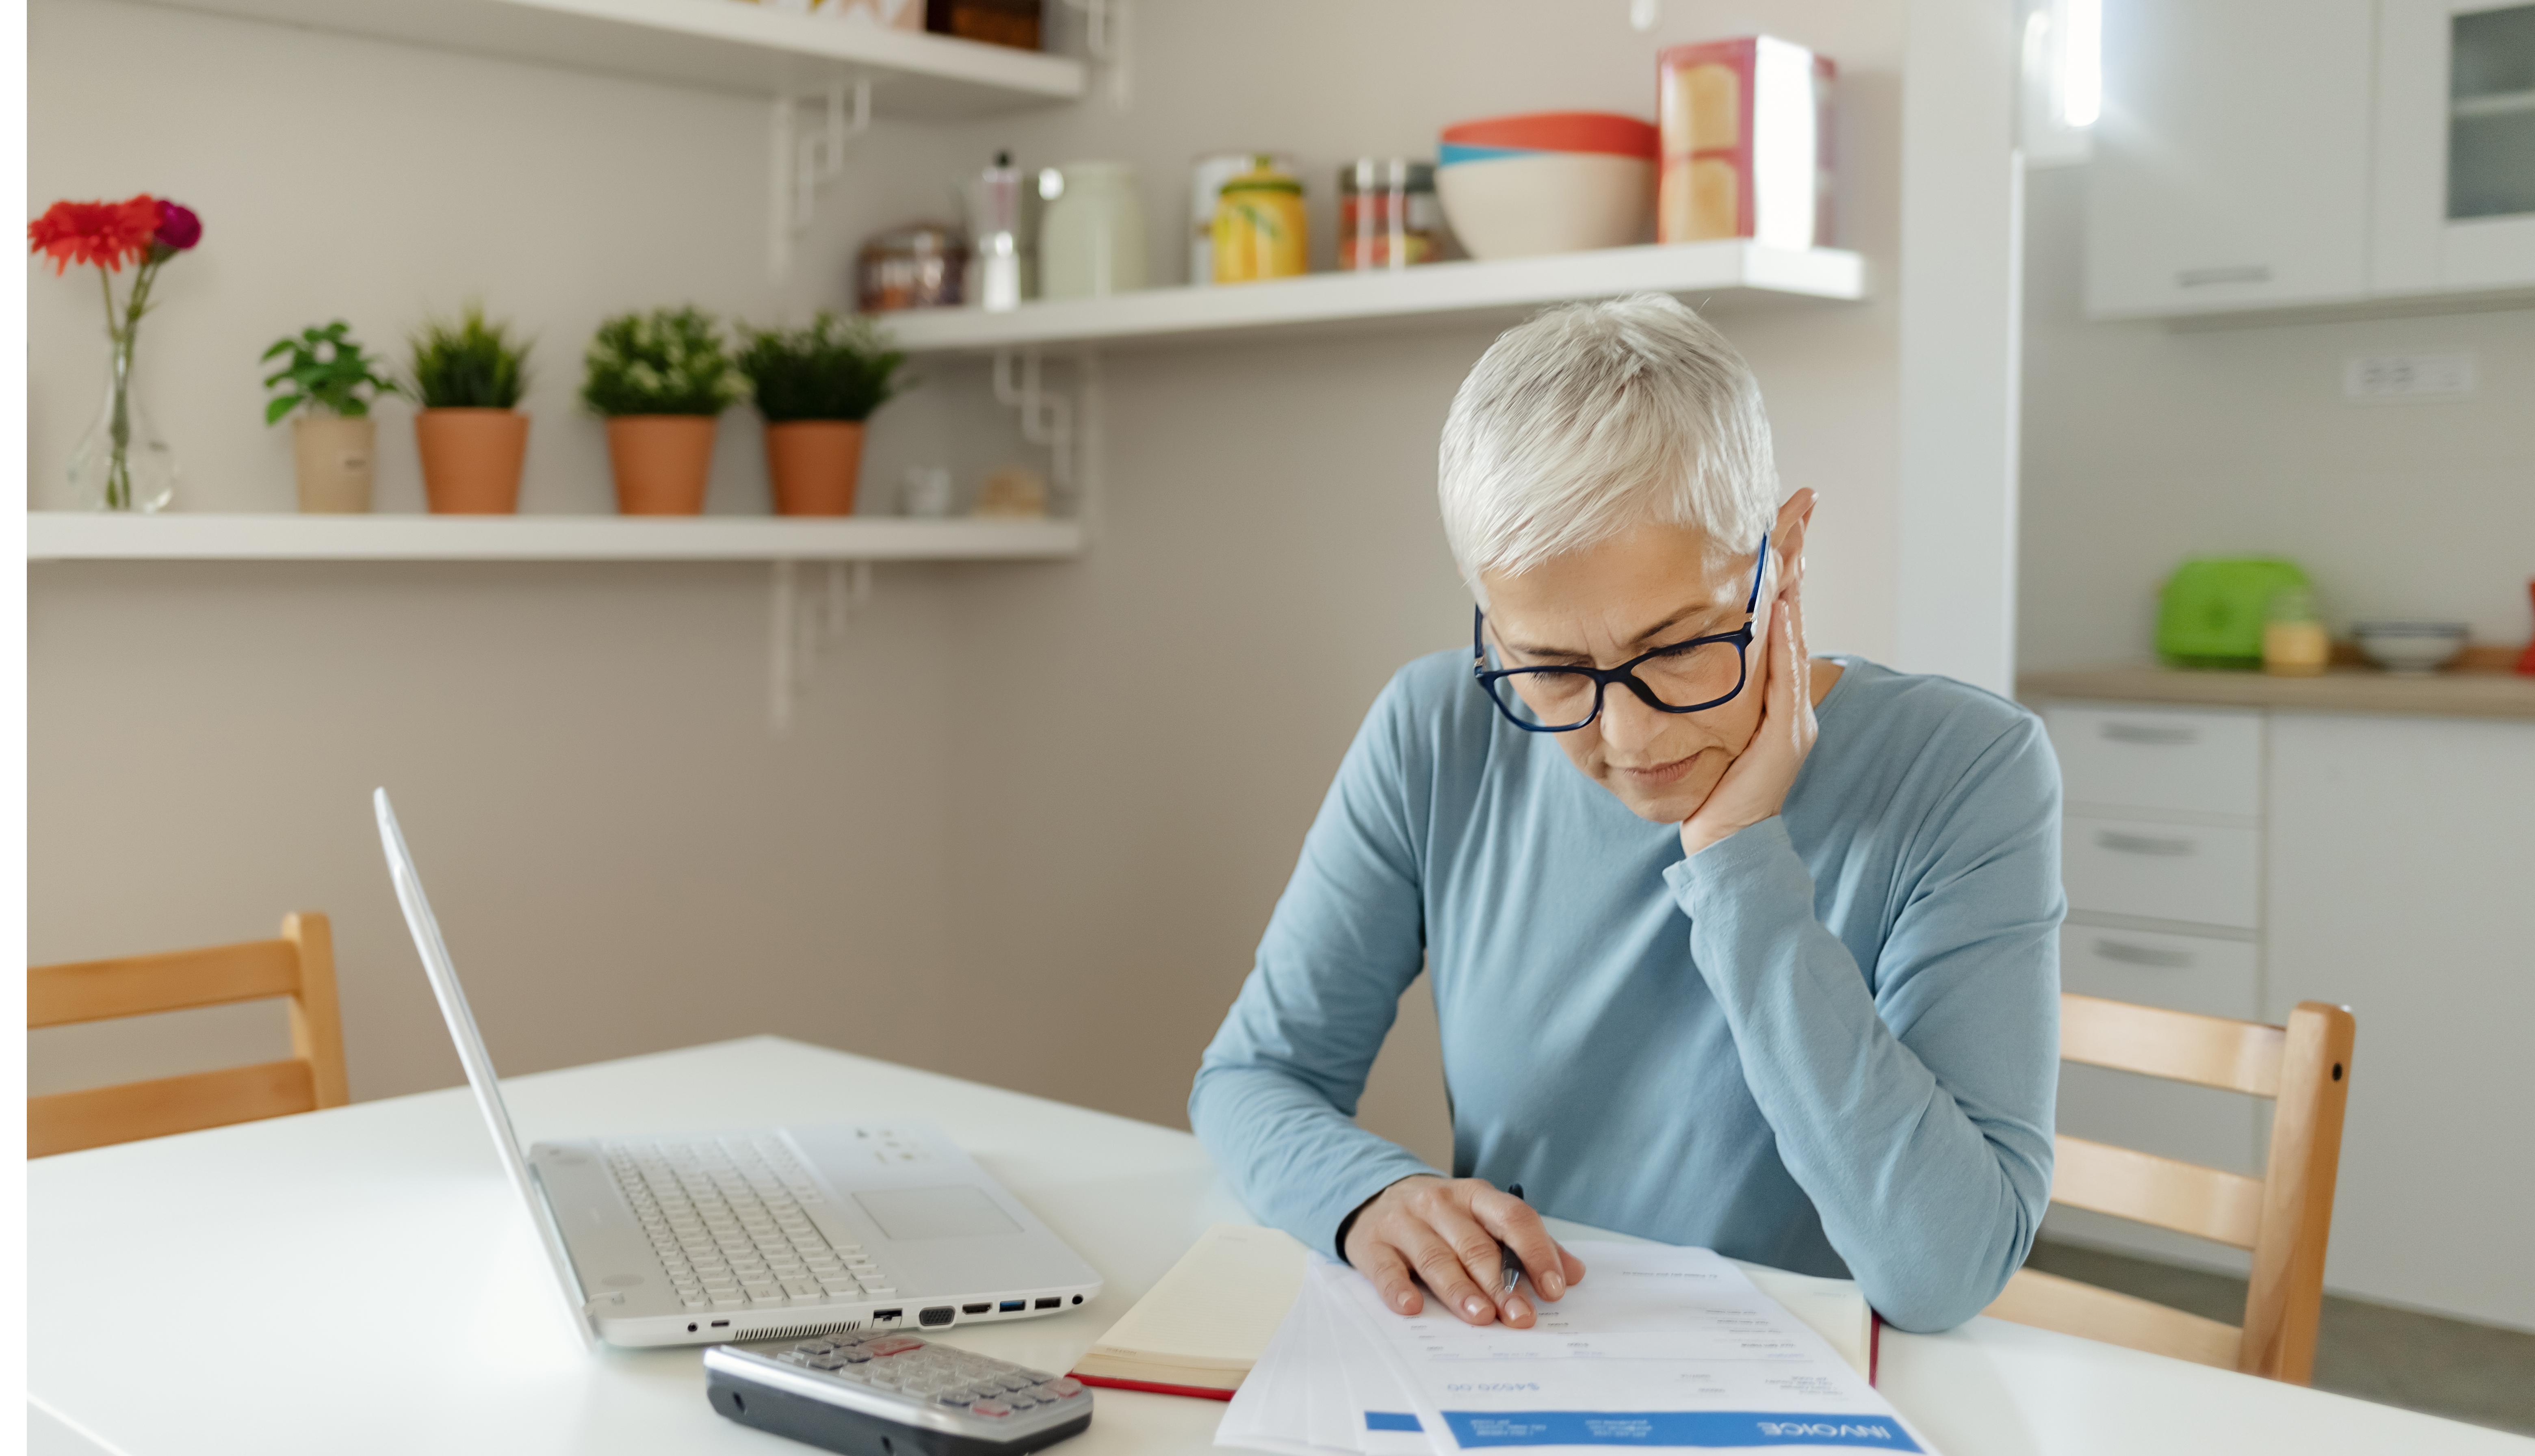 Una mujer sentada en una mesa con una computadora portátil y unos documentos